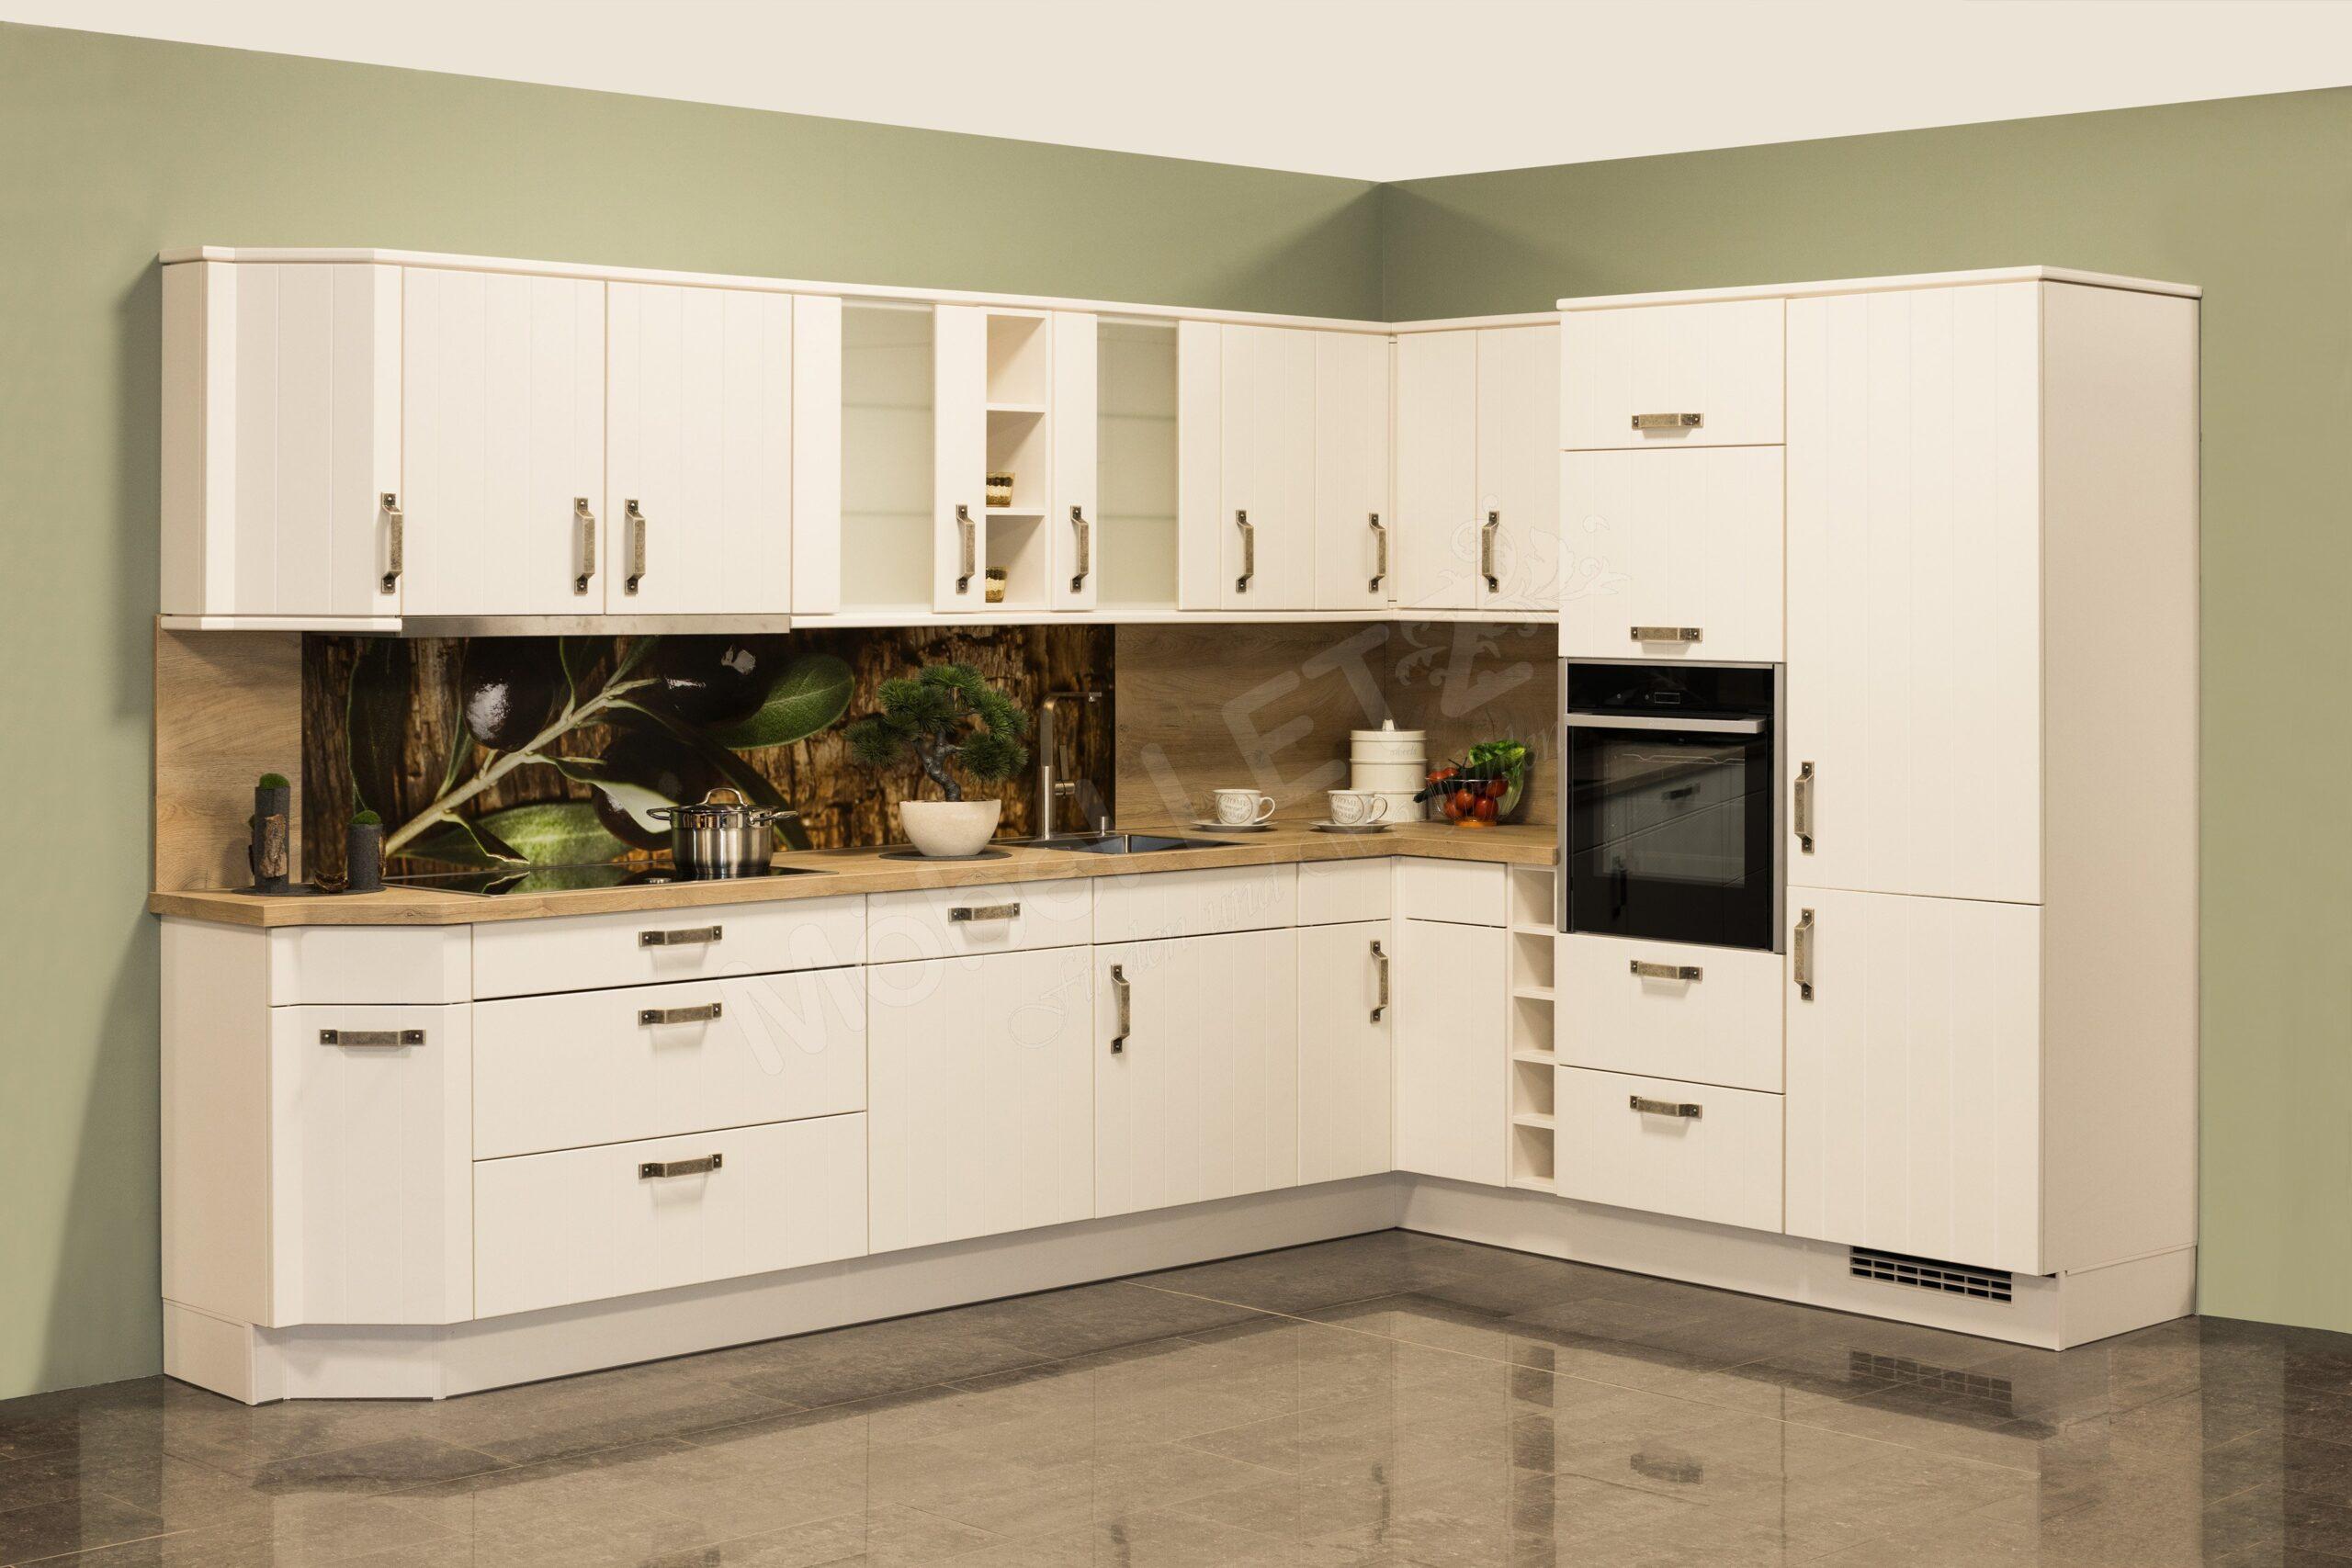 Full Size of Nobilia Flair 636 Winkelkche In Magnolia Matt Mbel Letz Ihr Einbauküche Küche Wohnzimmer Nobilia Magnolia